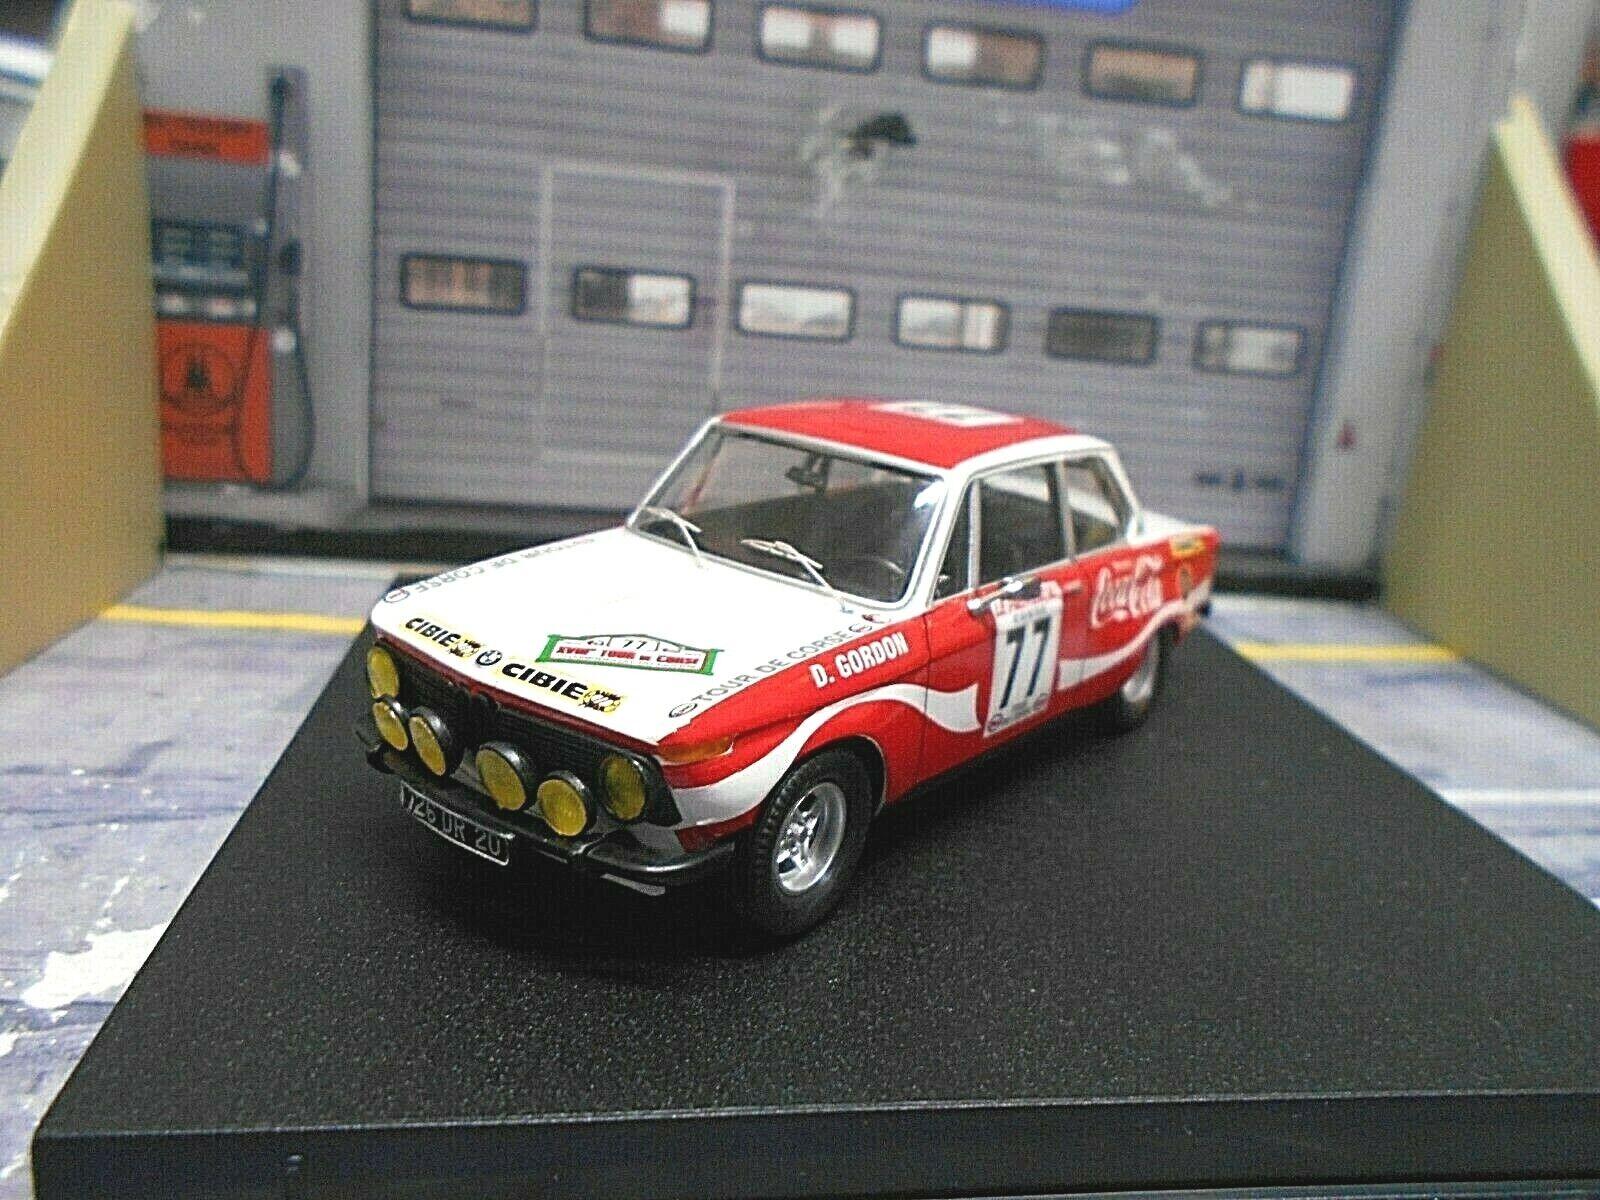 BMW 2002 Ti RALLY TOUR DE CORSE FRANCE 1974  77 Gordon Coca Cola Trofeu 1 43